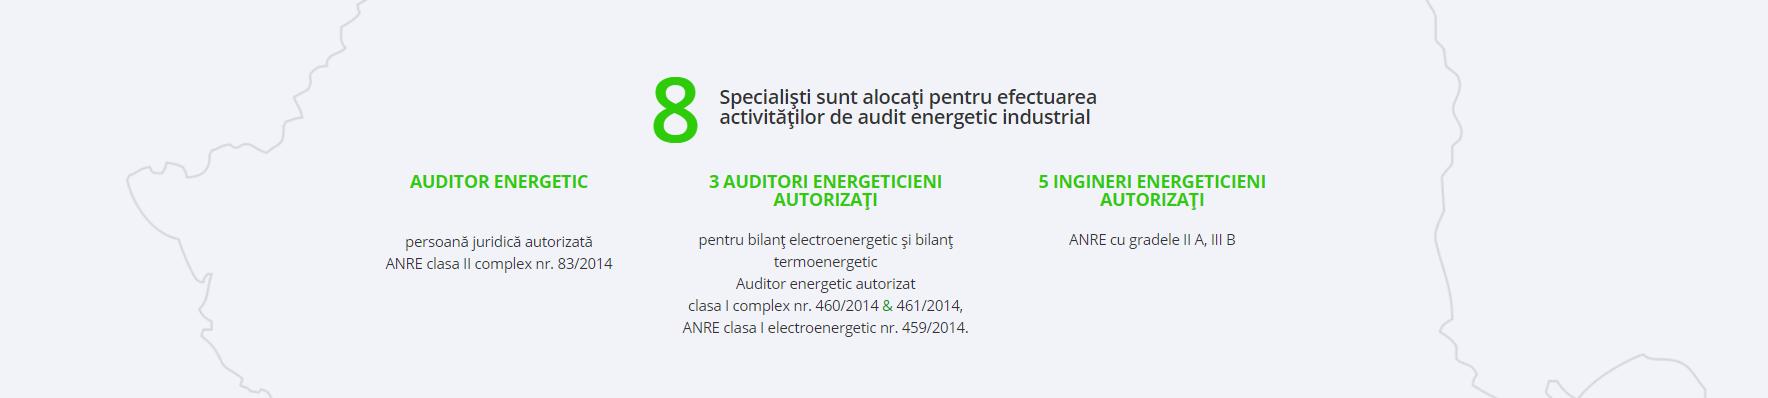 auditori energetici autorizati anre